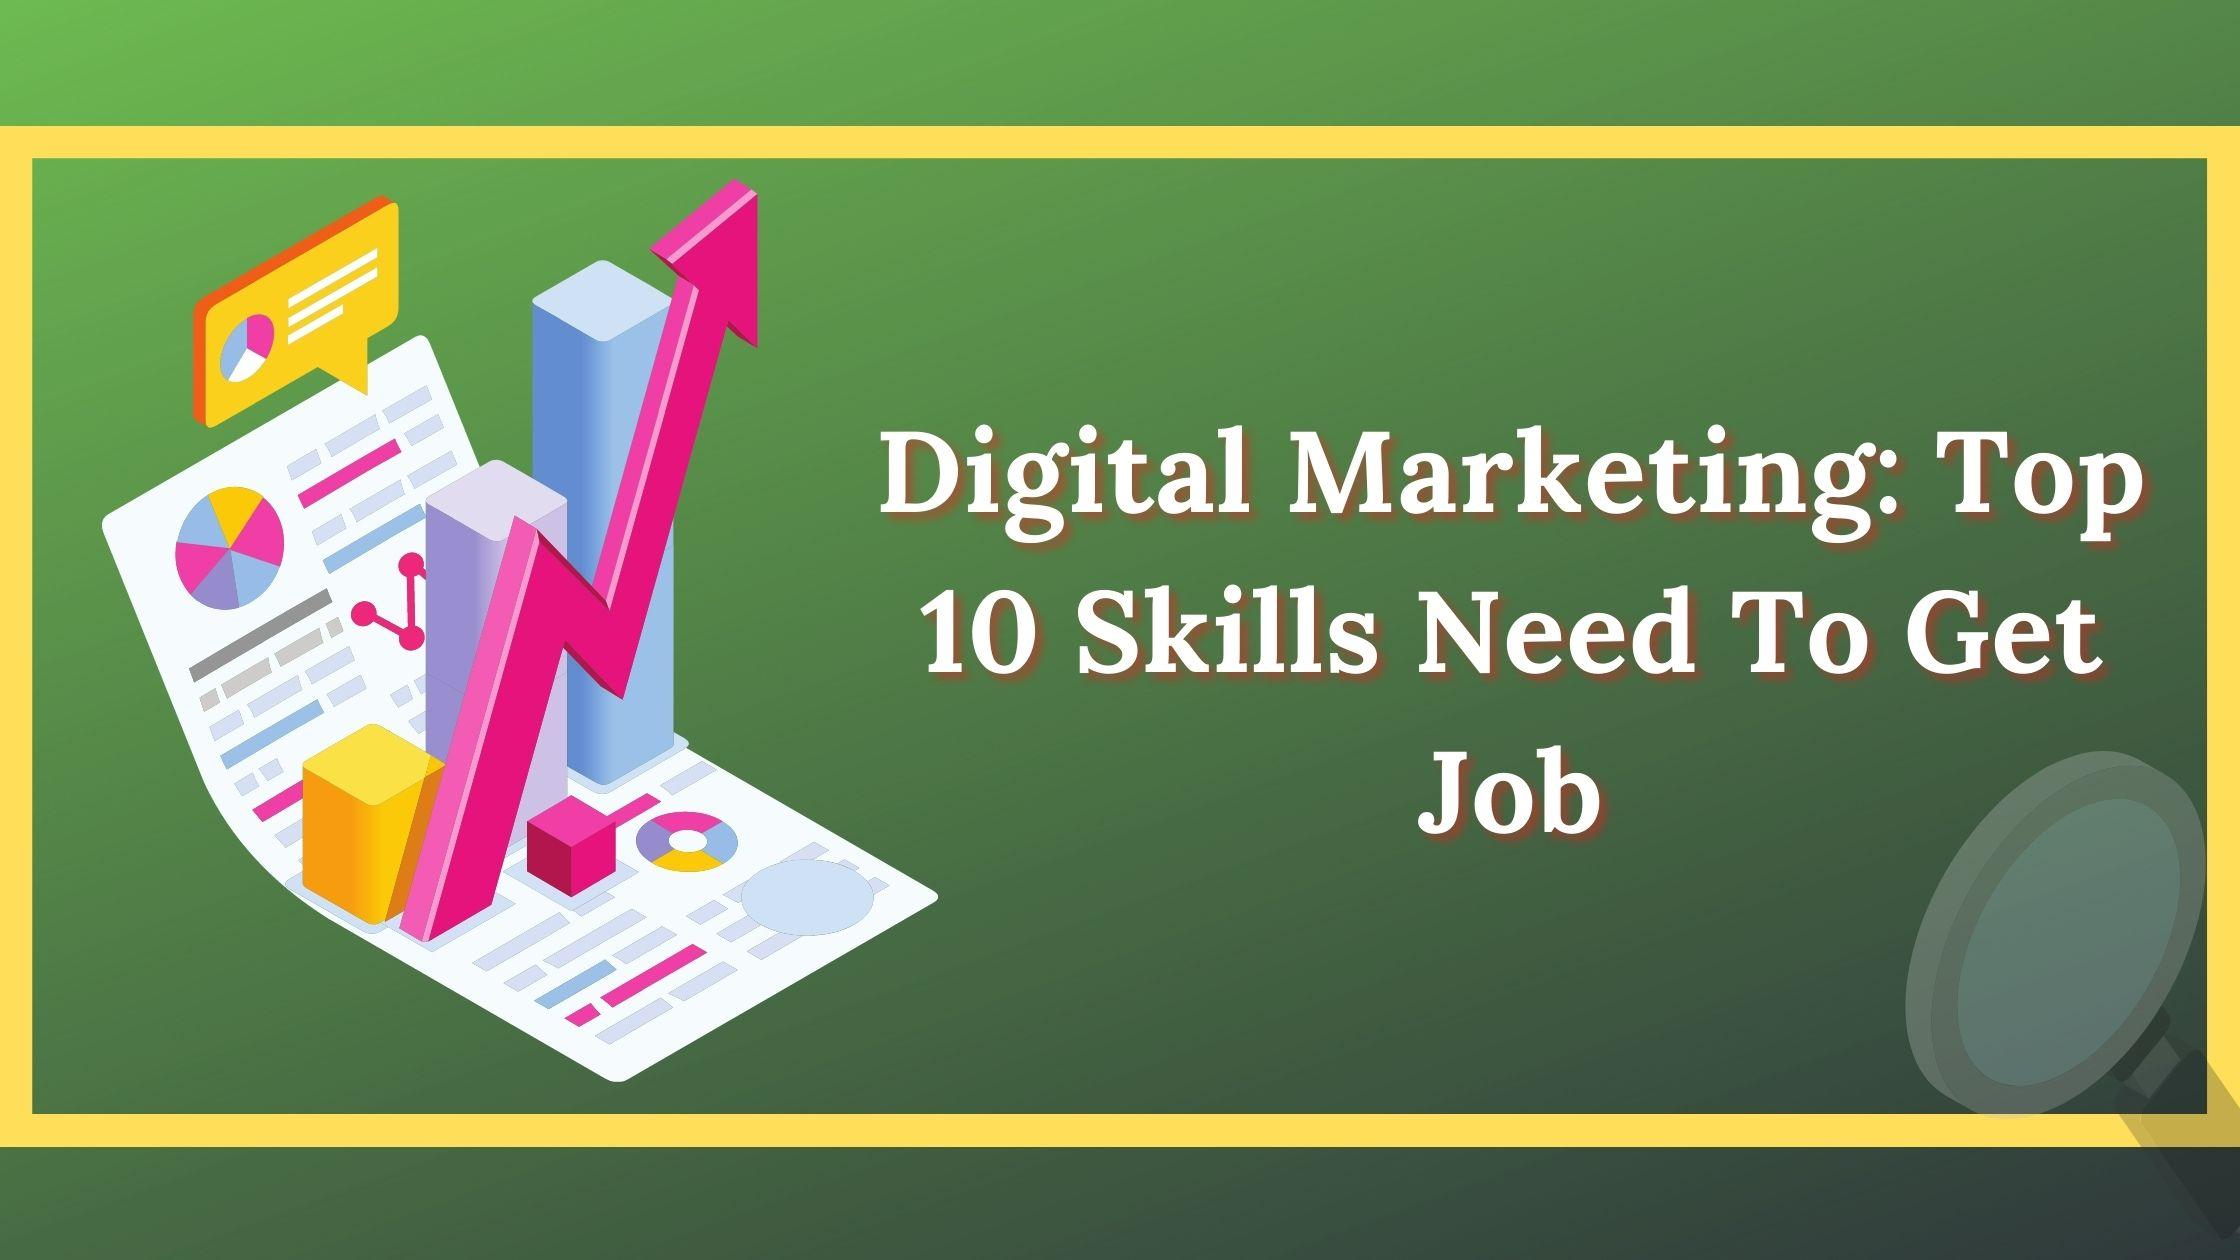 Digital Marketing: Top 10 Skills Need To Get Job